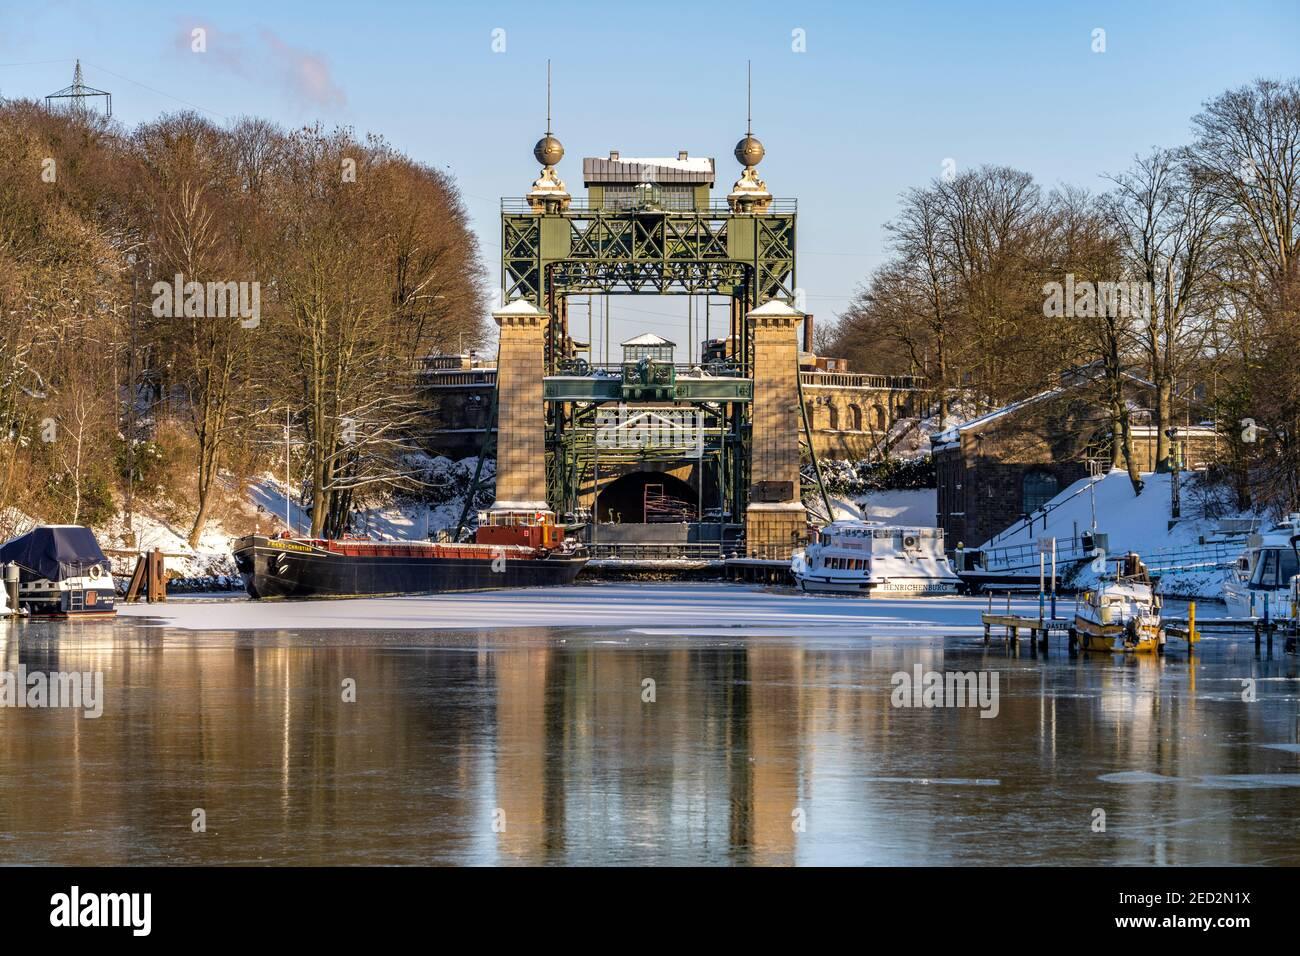 Das alte Schiffshebewerk Henrichenburg am Dortmund-Ems-Kanal in Waltrop, Nordrhein-Westfalen, Deutschland, Europa Stockfoto